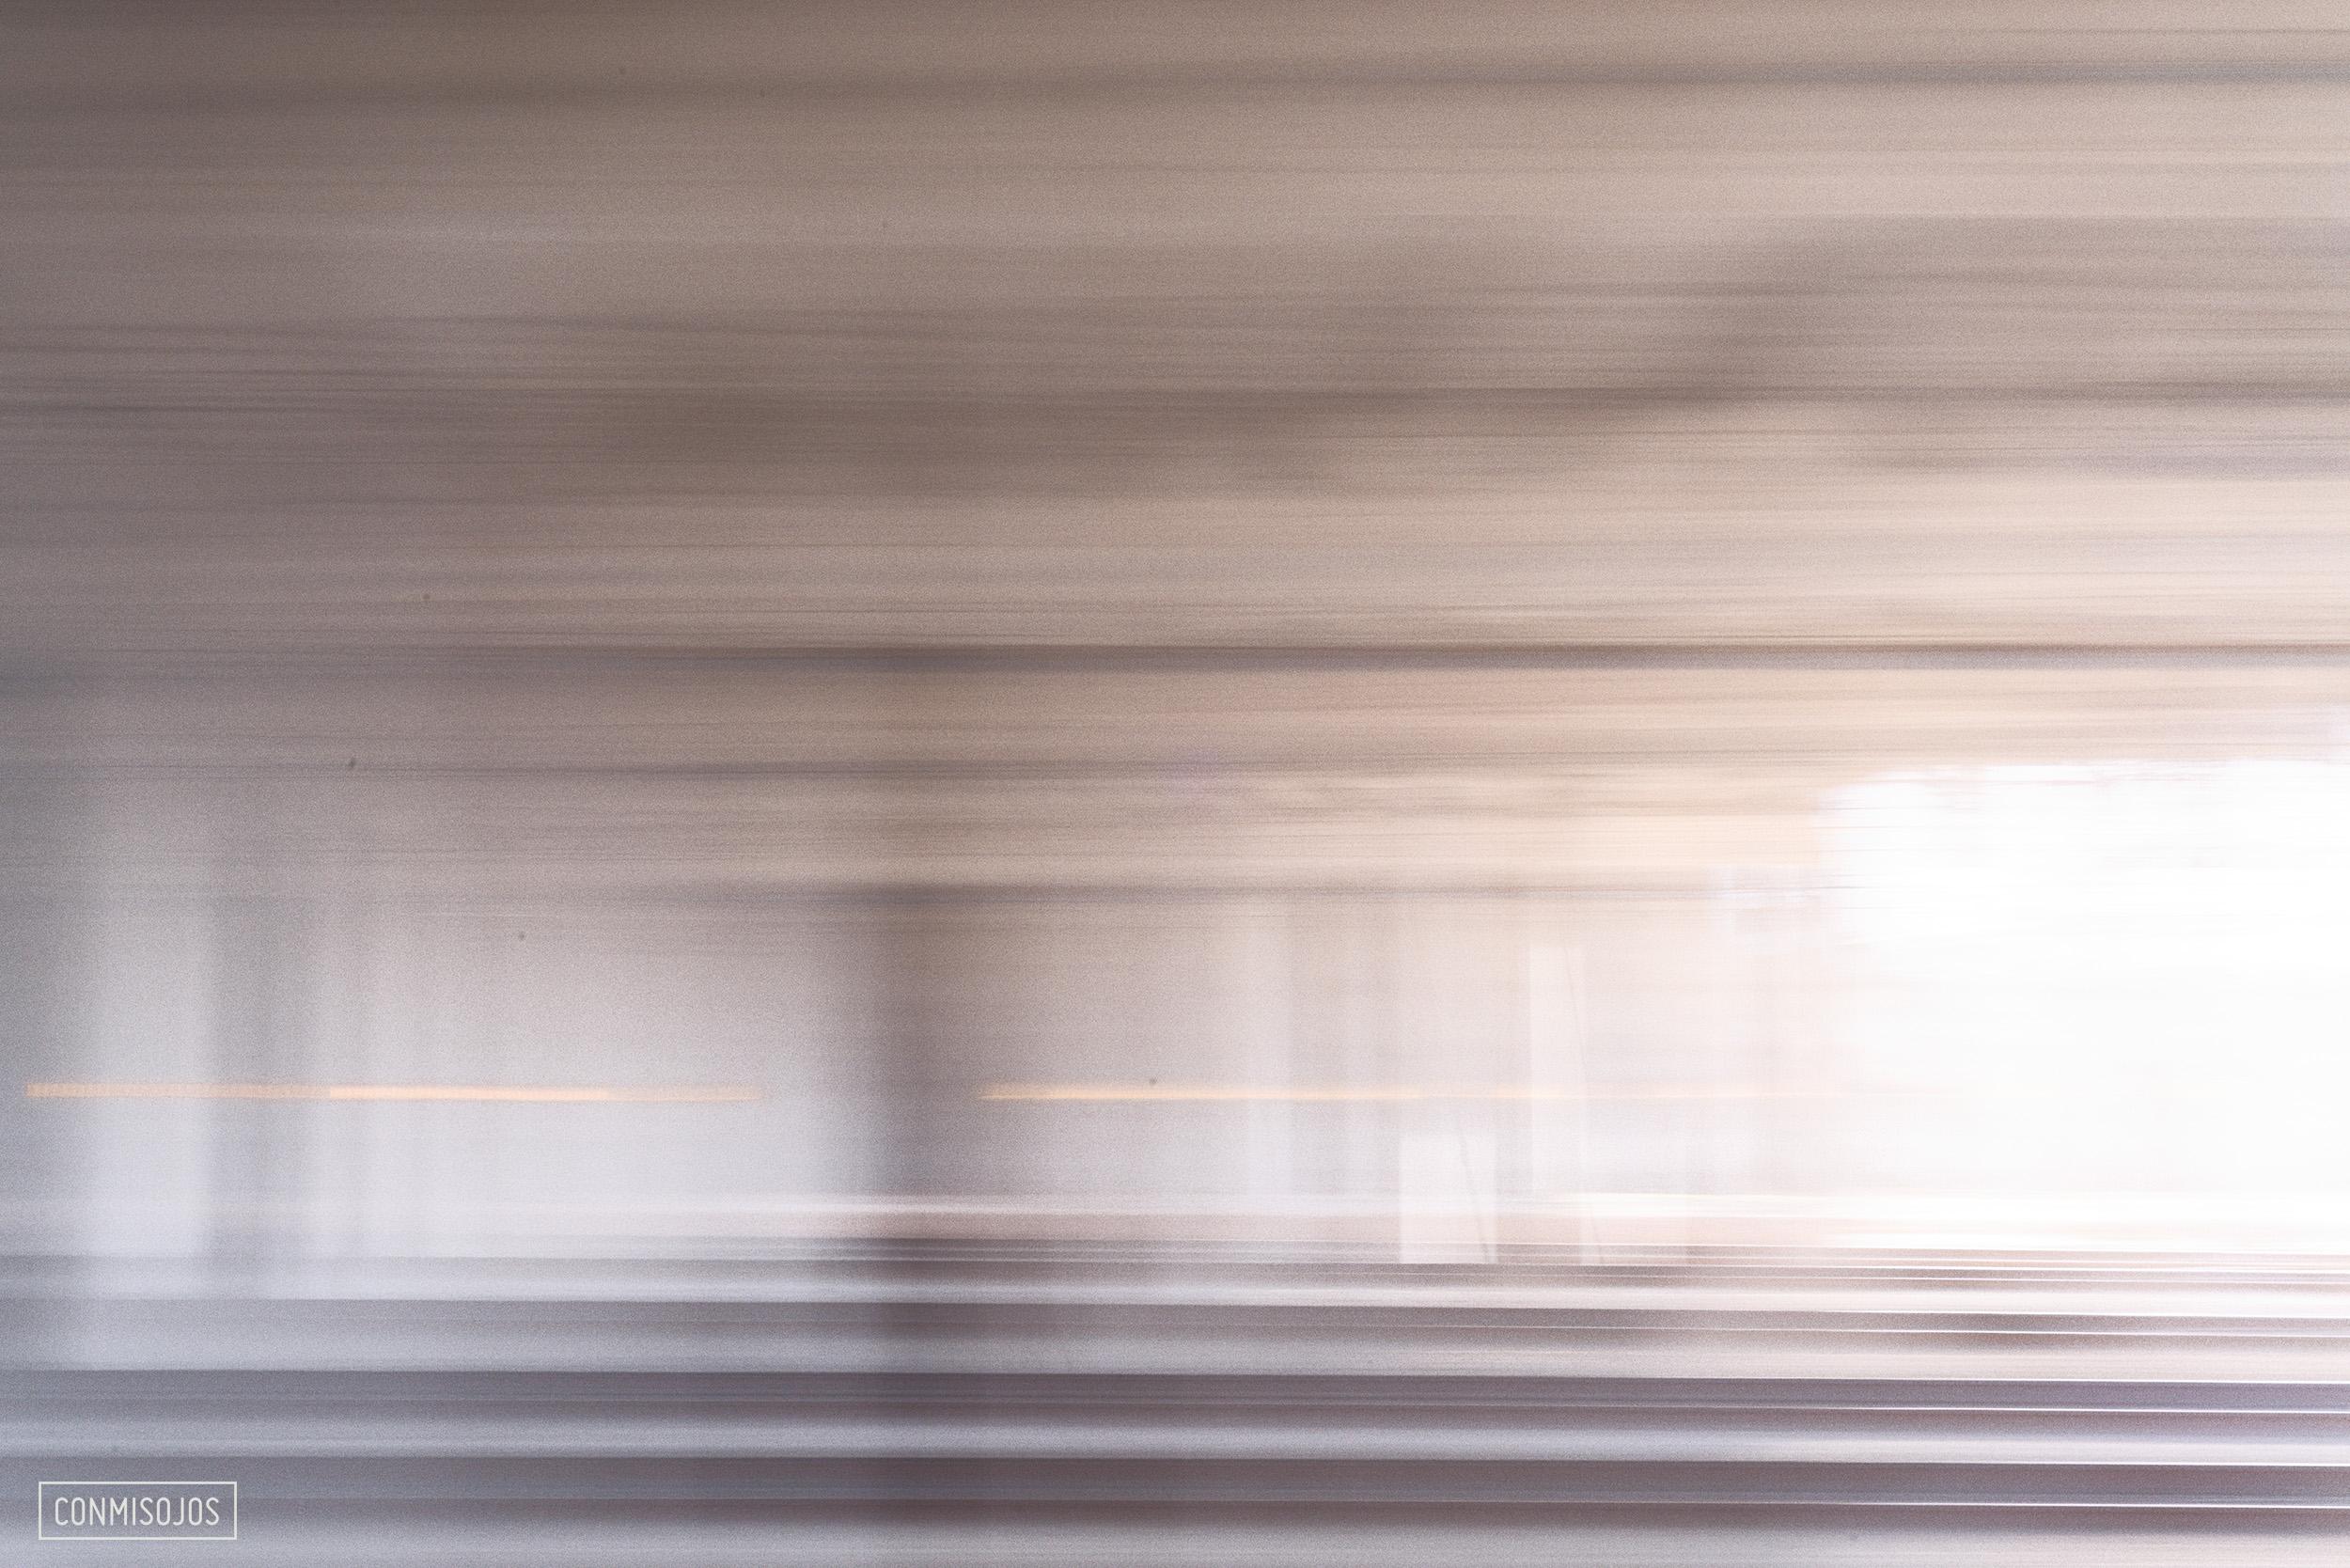 Paisajes en movimiento / Movement landscape